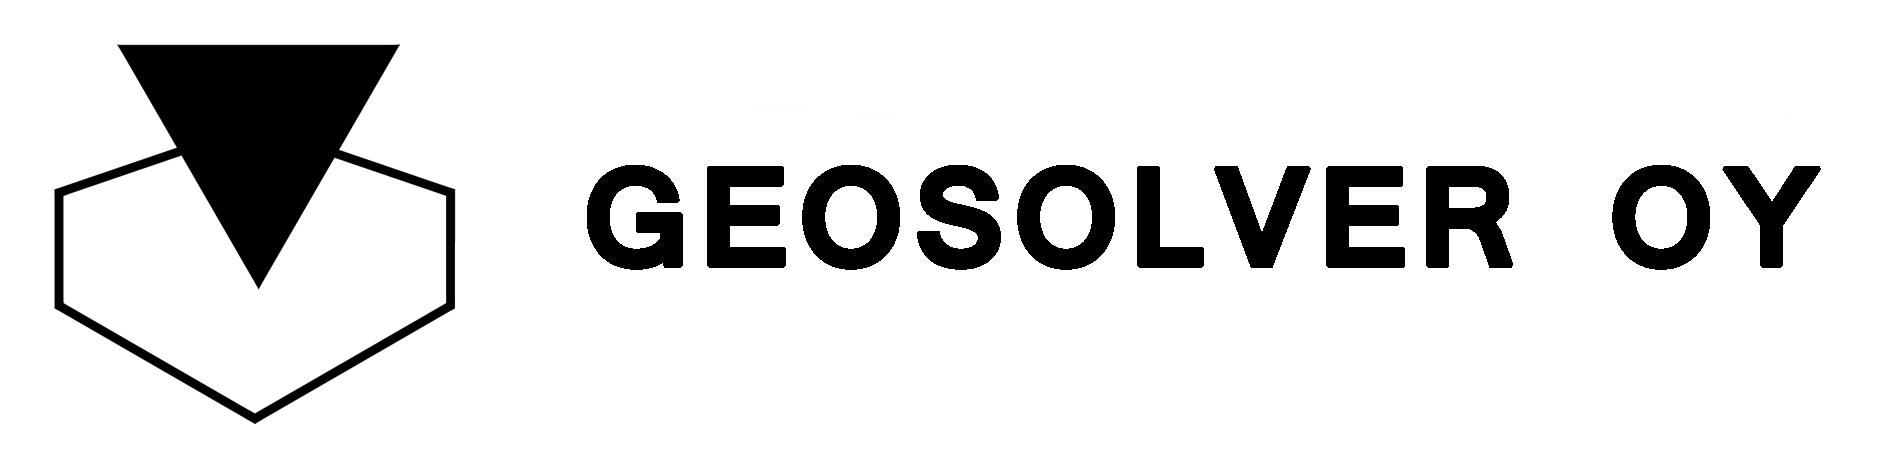 Geosolver Oy | Geotekniikka | Geosuunnittelu, Pohjarakennesuunnittelu, Geotekninen suunnittelu